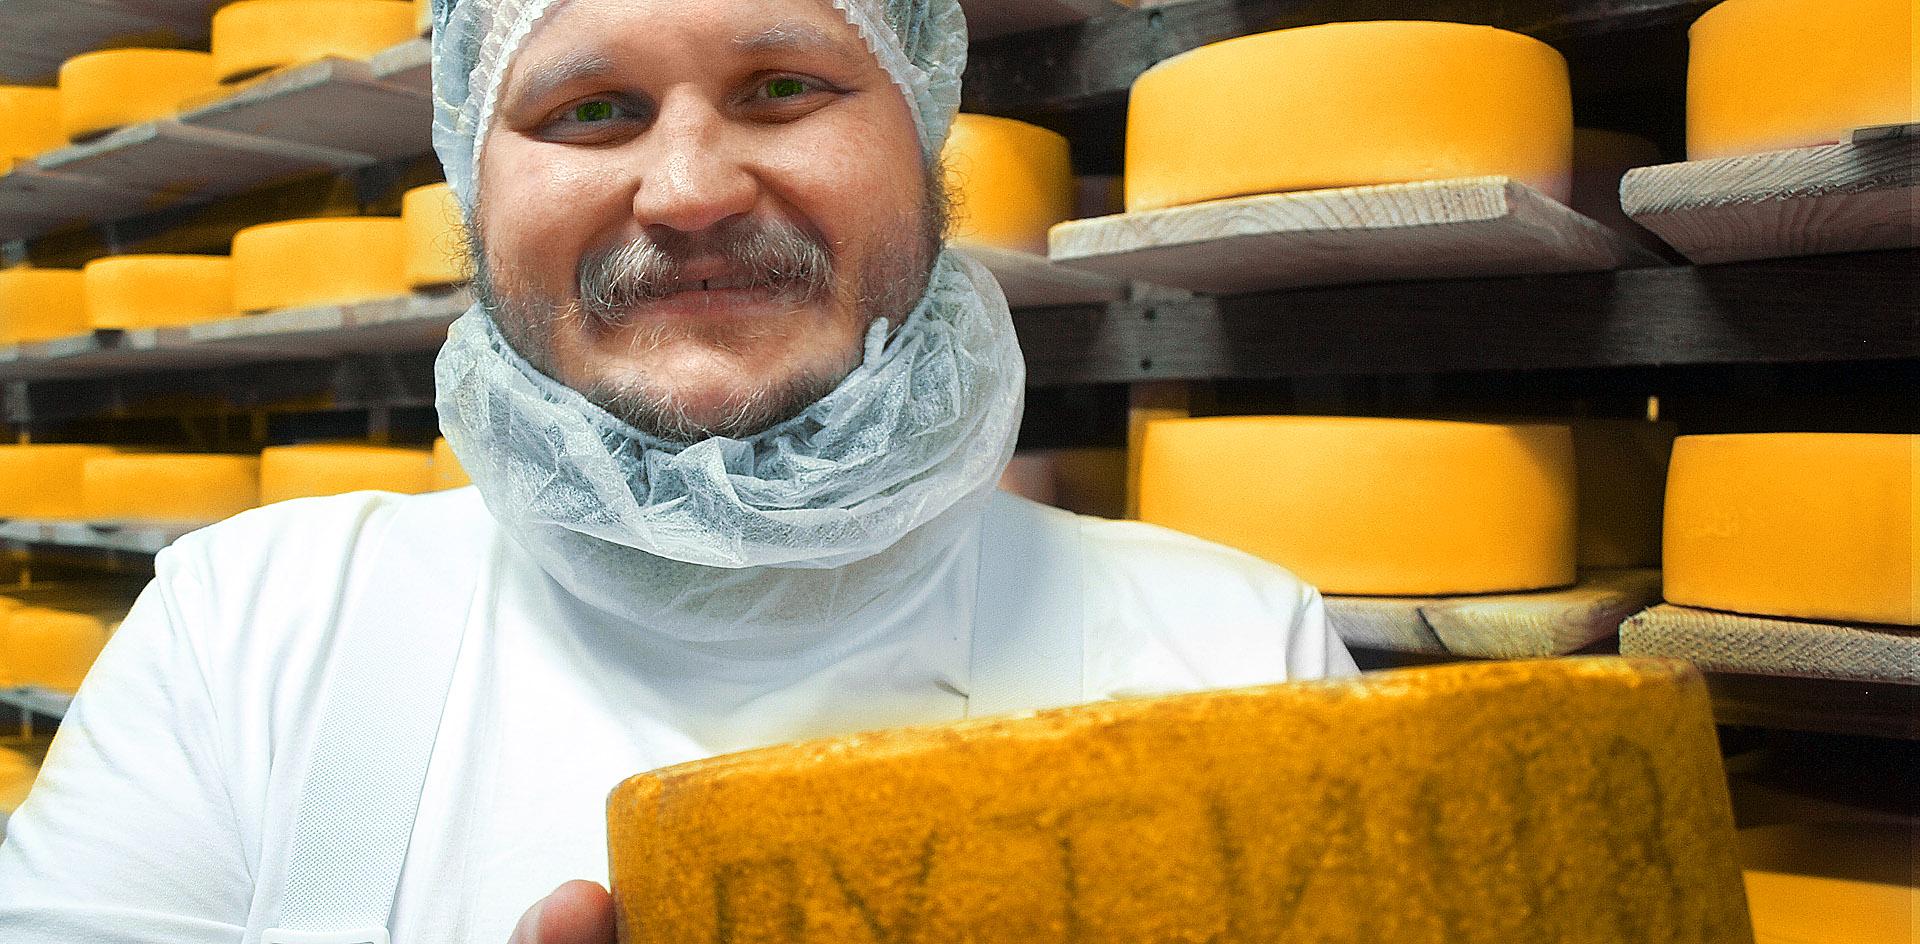 Поставщик Кремля сыровар Сирота начал варить сыр «Путин»